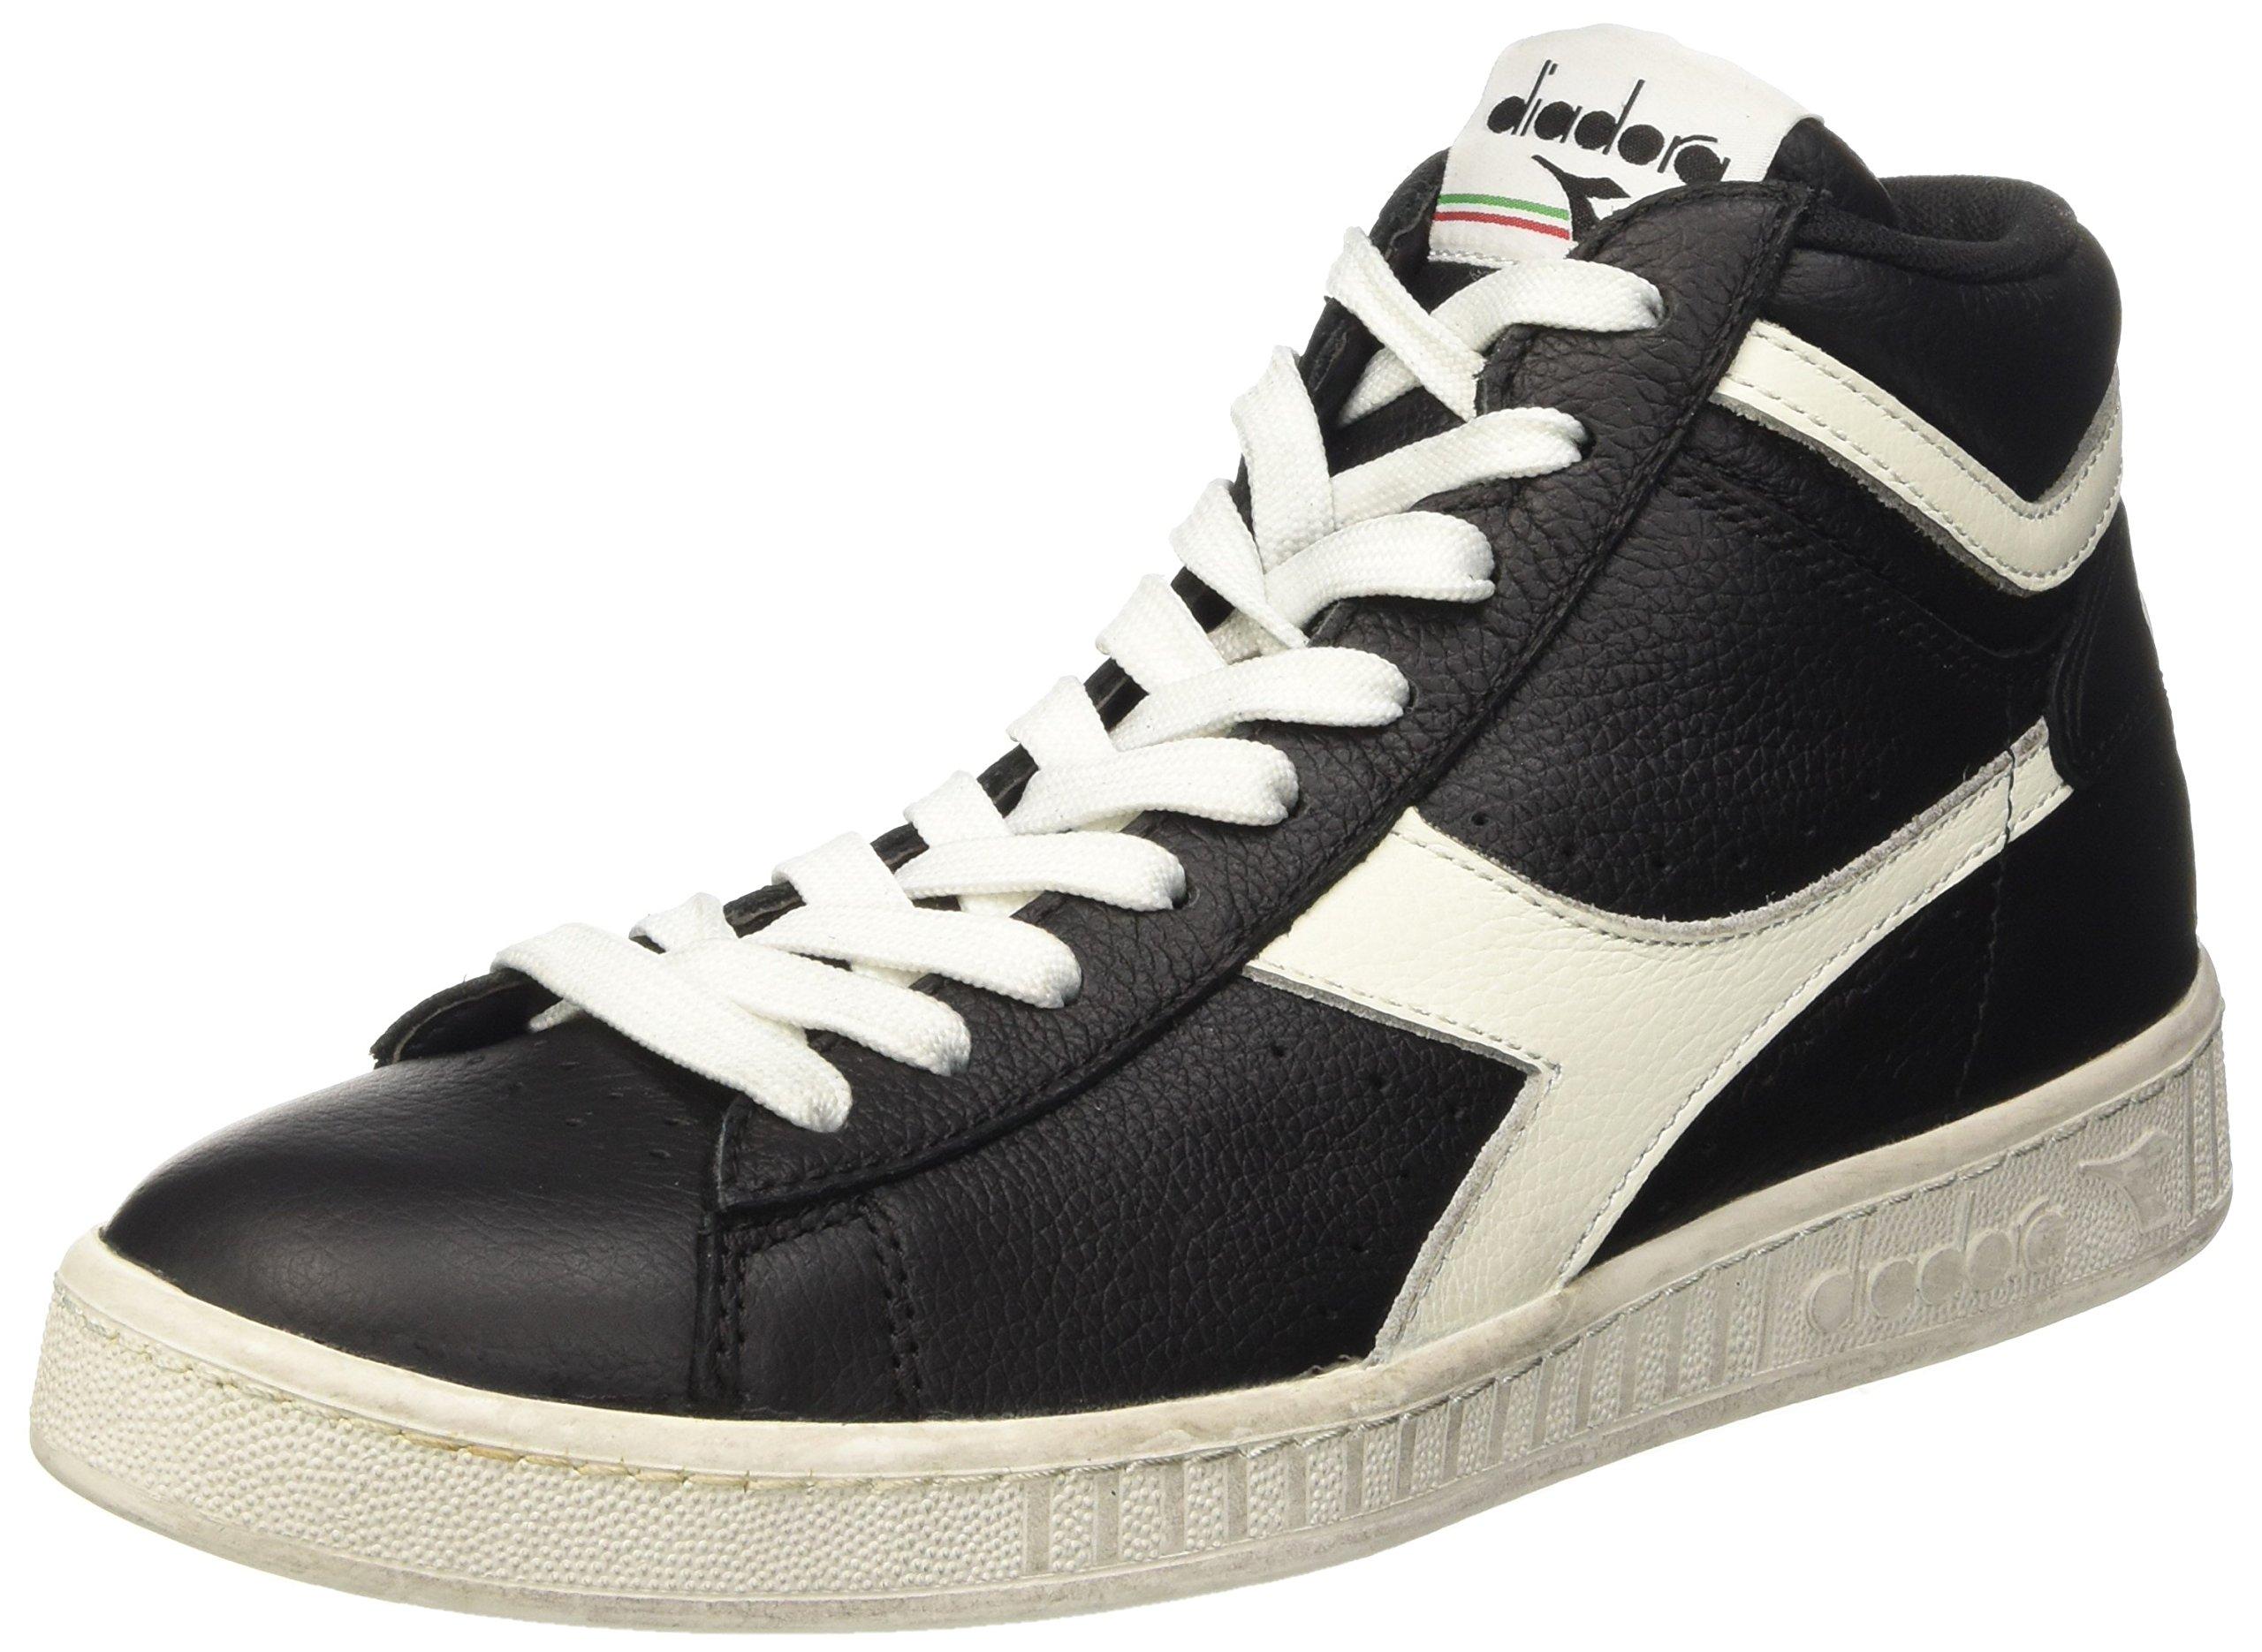 Diadora Game L High Waxed Skate Shoe,Black/Cloud Dancer,9 M US by Diadora